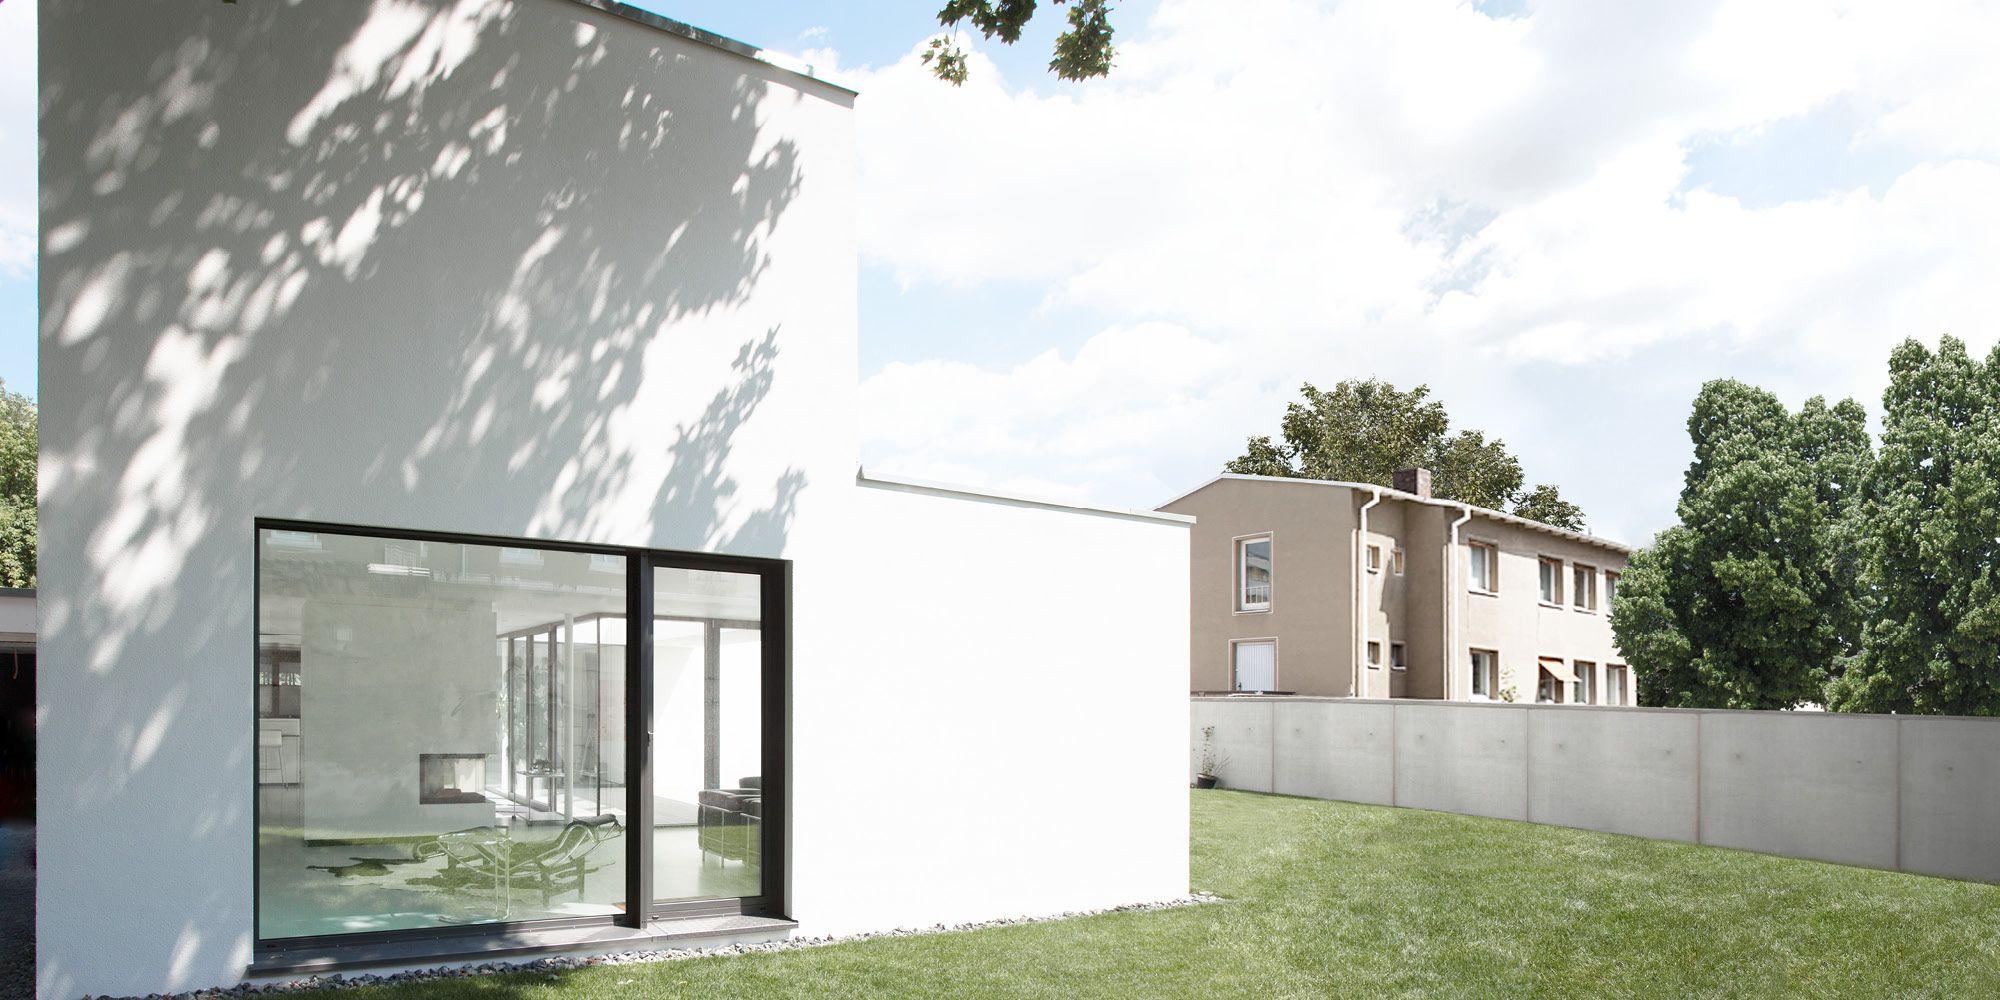 steimle architekten / wohnhaus f6, dresden